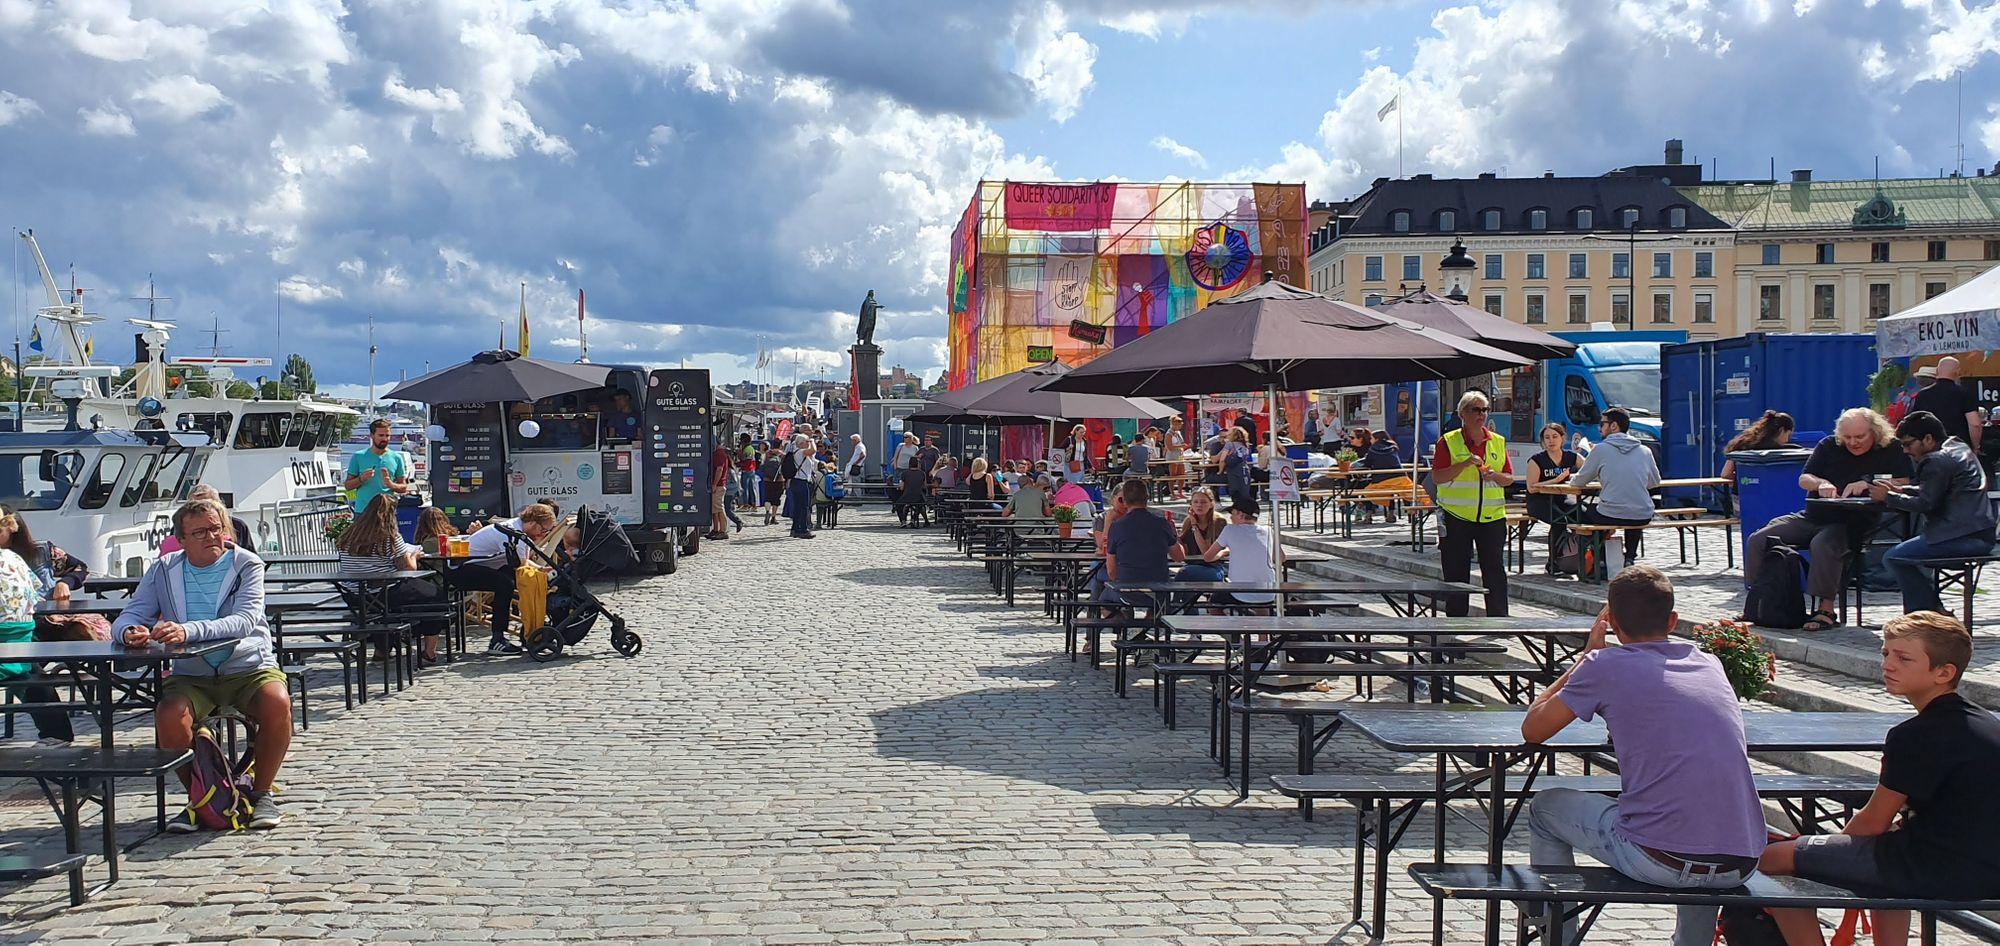 El foodtruck park del Stockholms Kulturfestival es todo un lujo en variedad y orden.